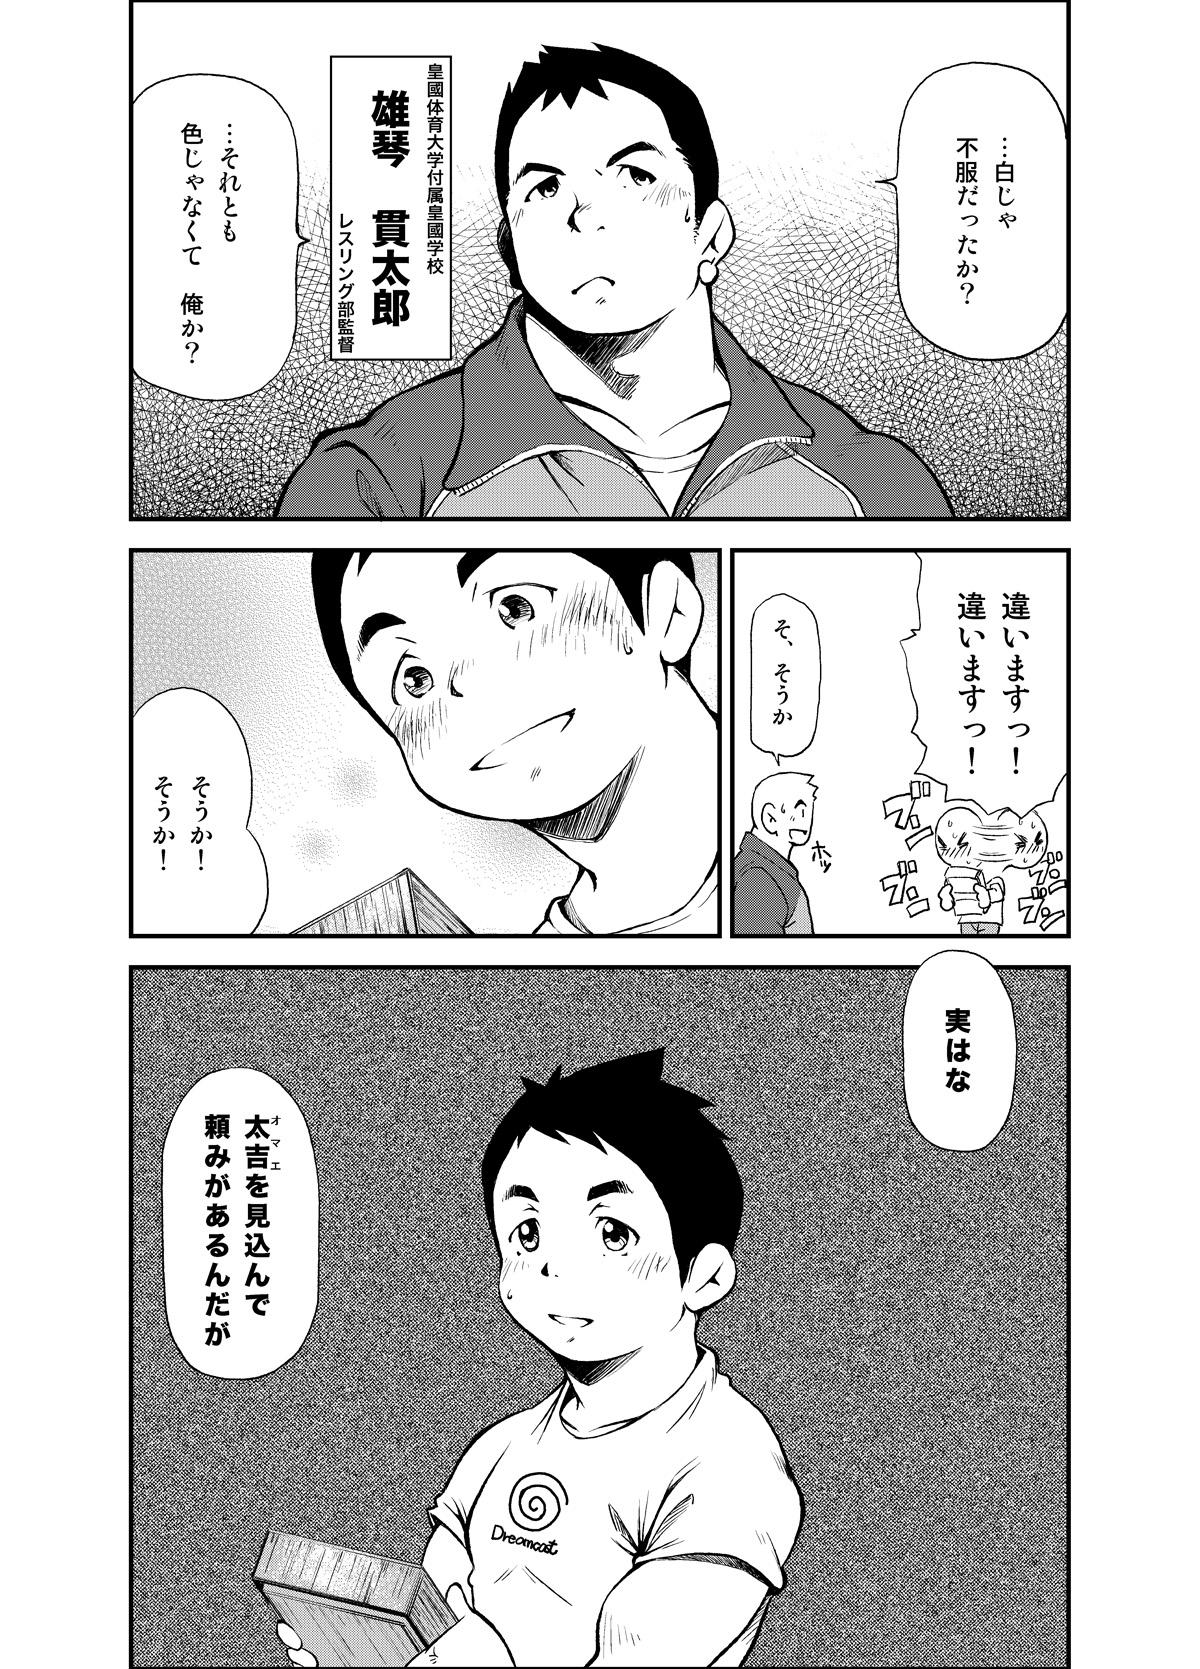 Tadashii Danshi no Kyouren Hou 8